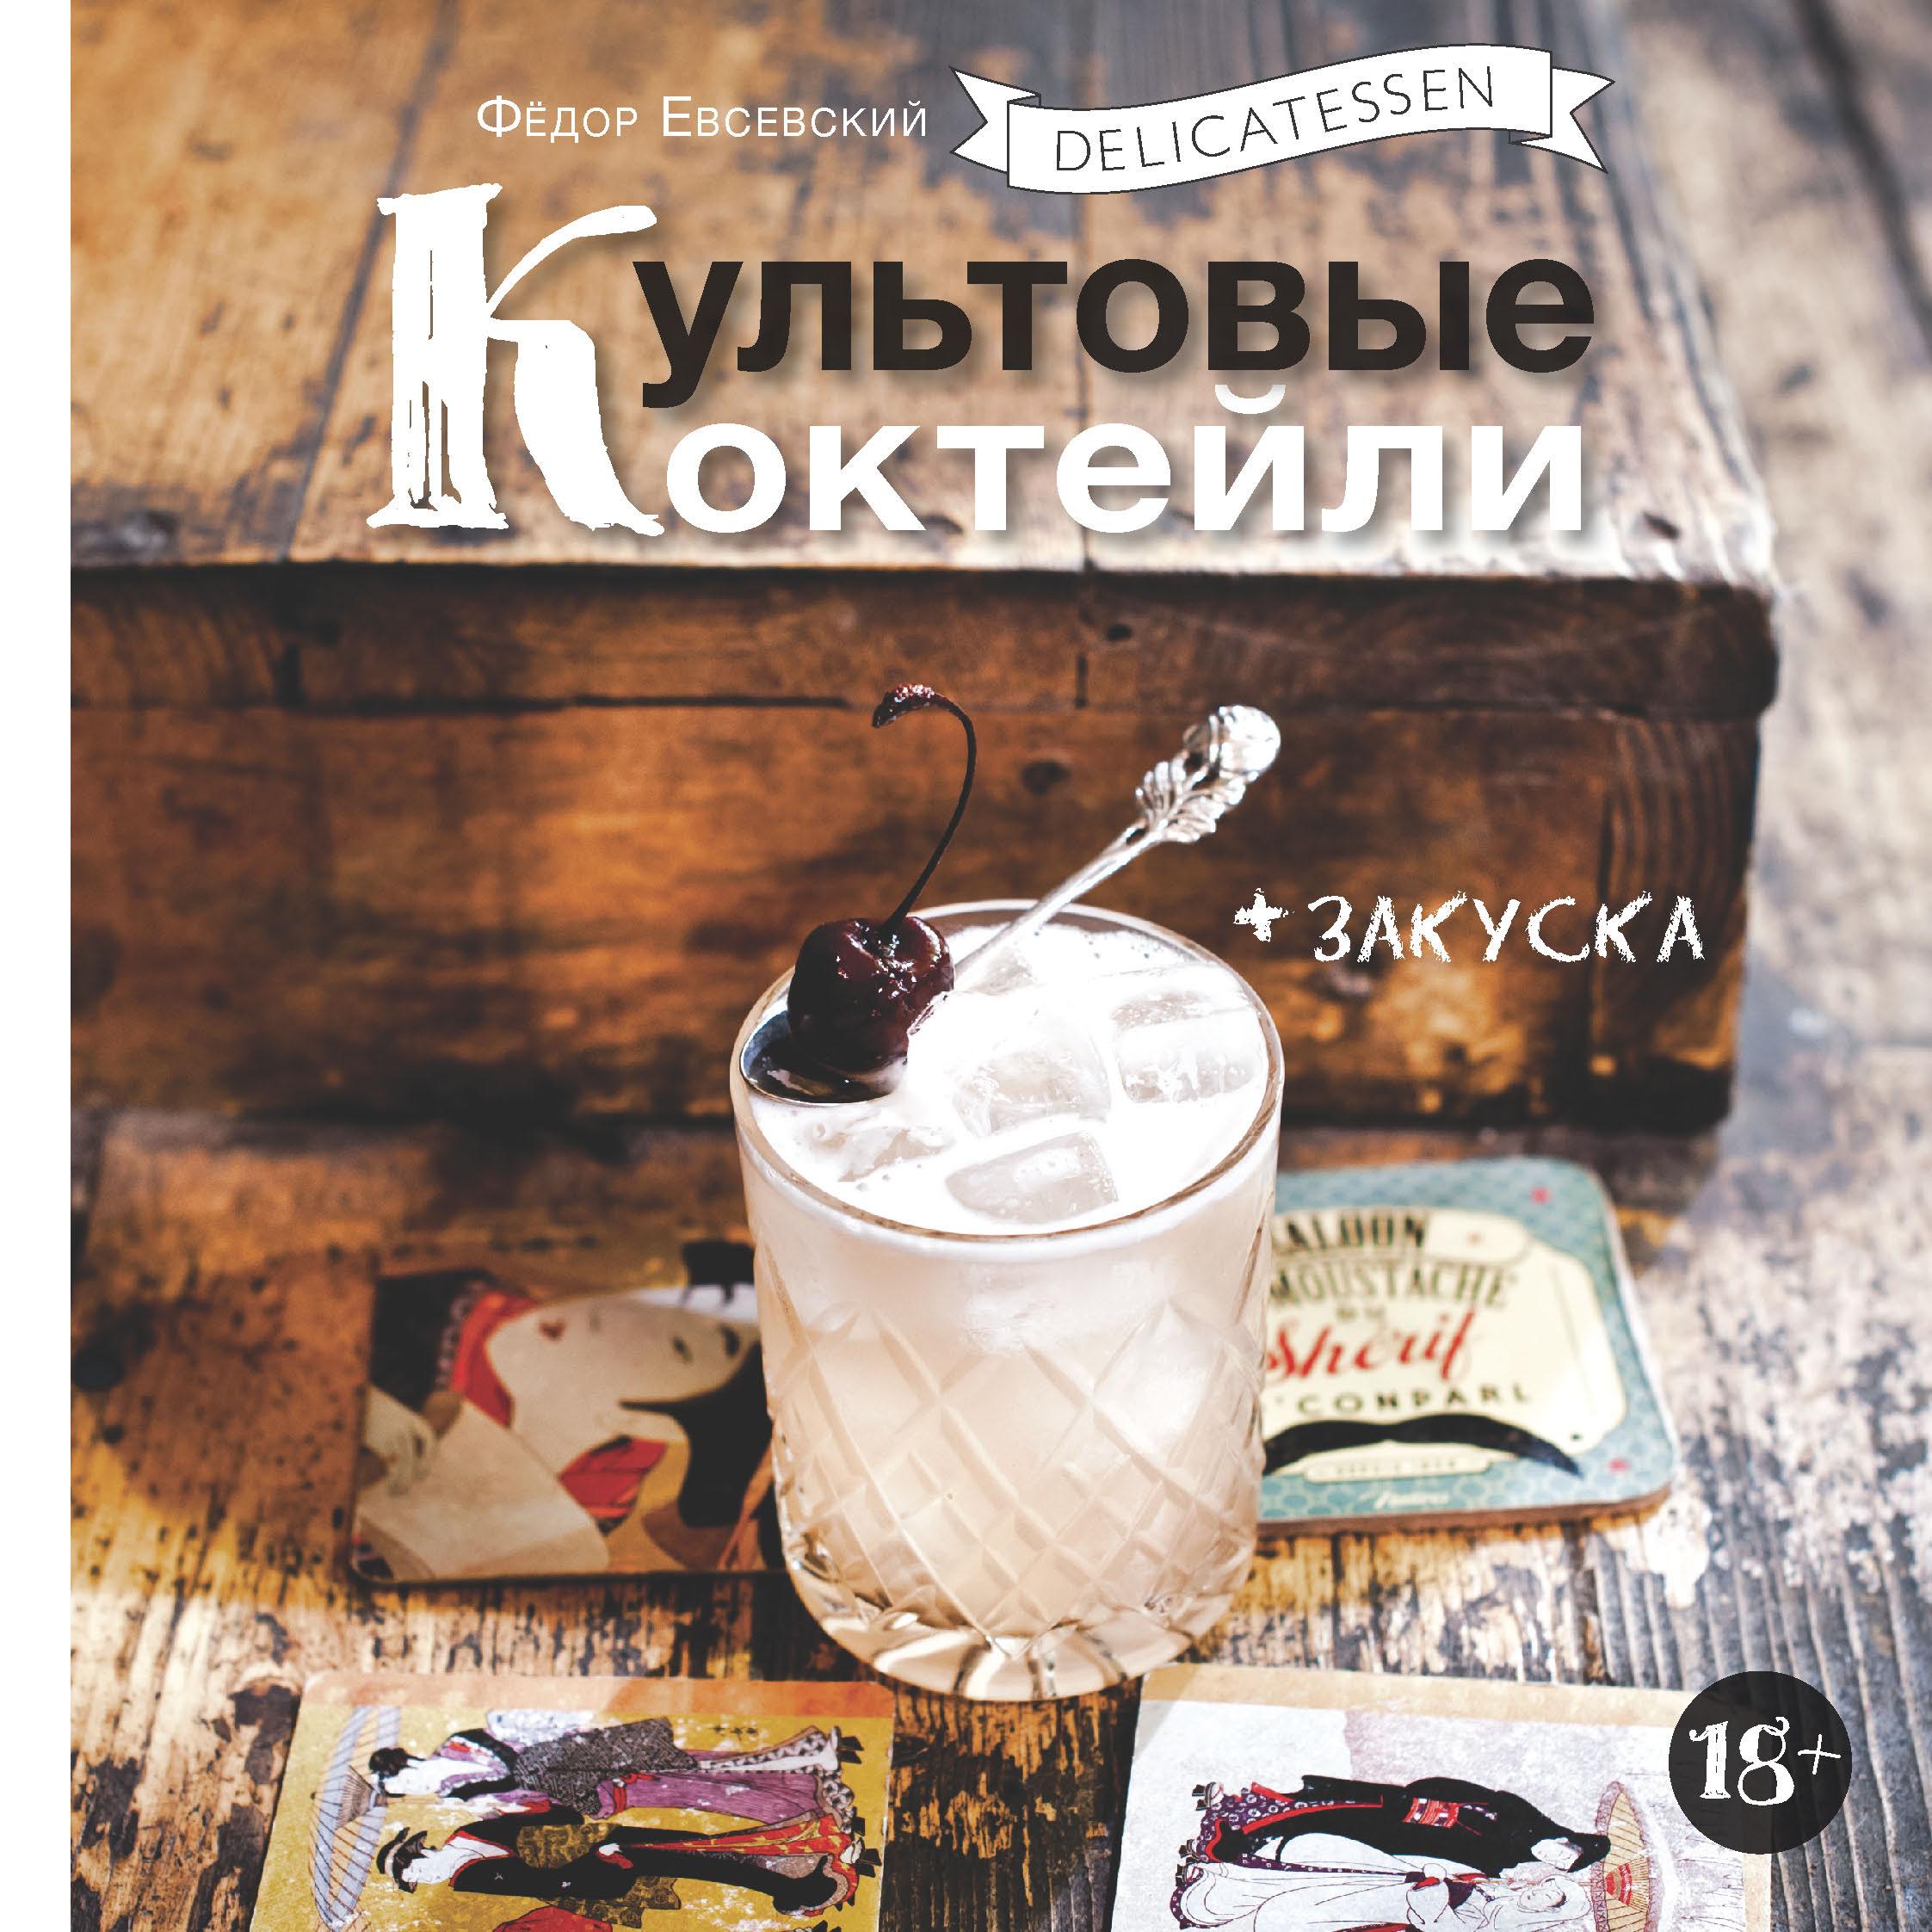 Федор Евсевский Delicatessen. Культовые коктейли + закуска